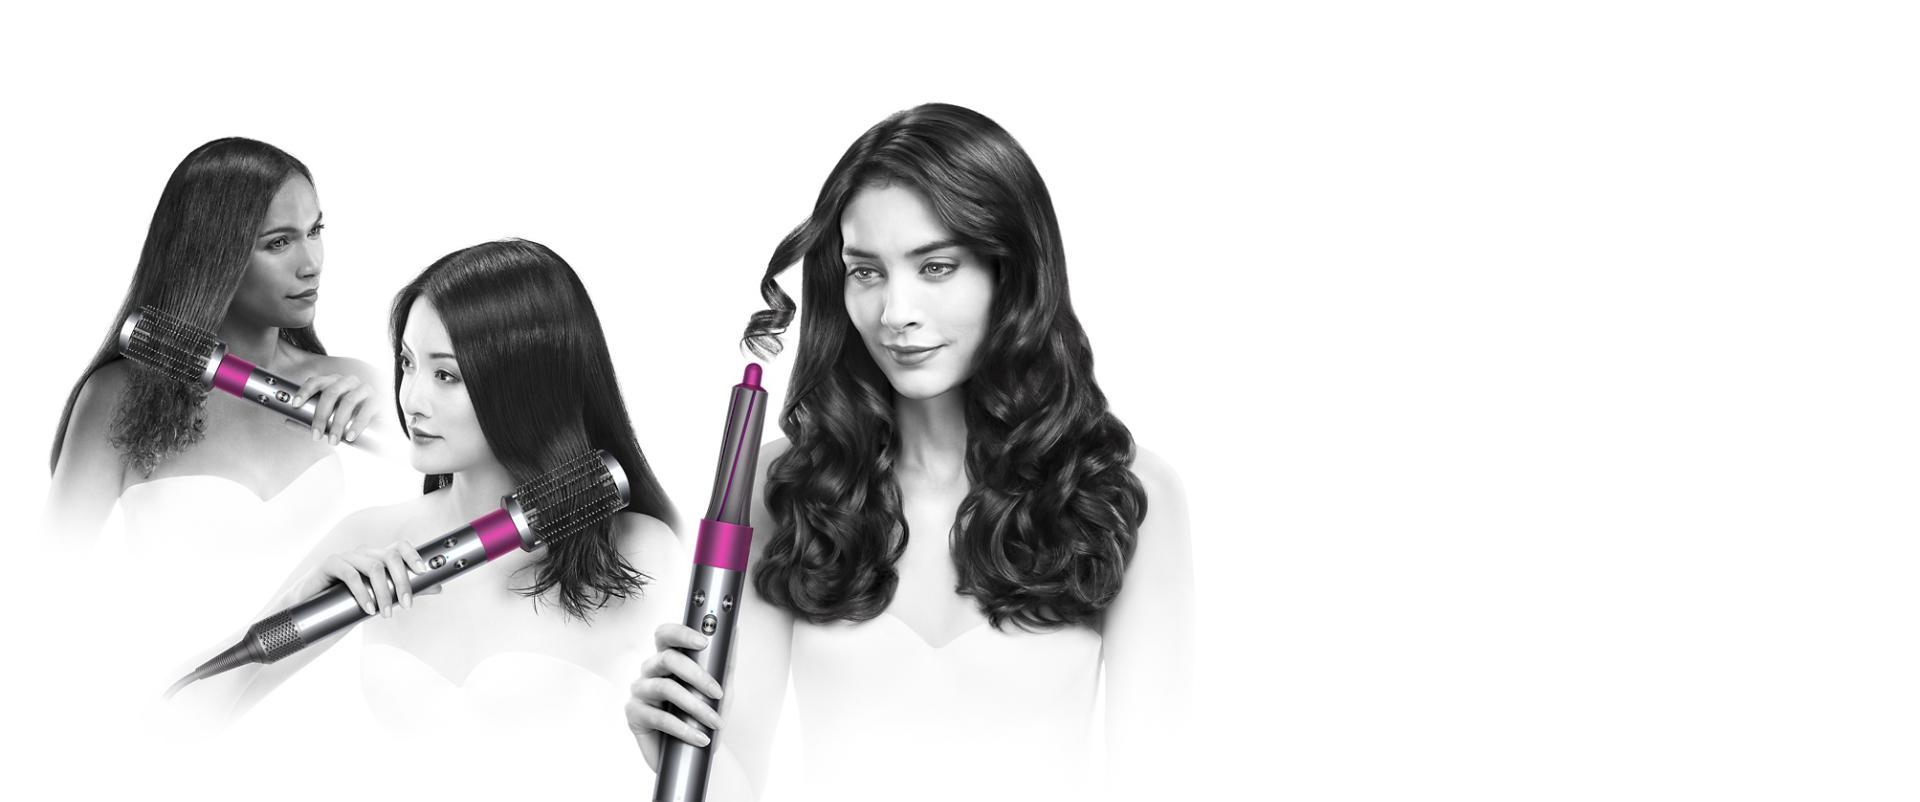 שלוש דוגמניות משתמשות במעצב השיער dyson airwrap עם אביזרים שונים